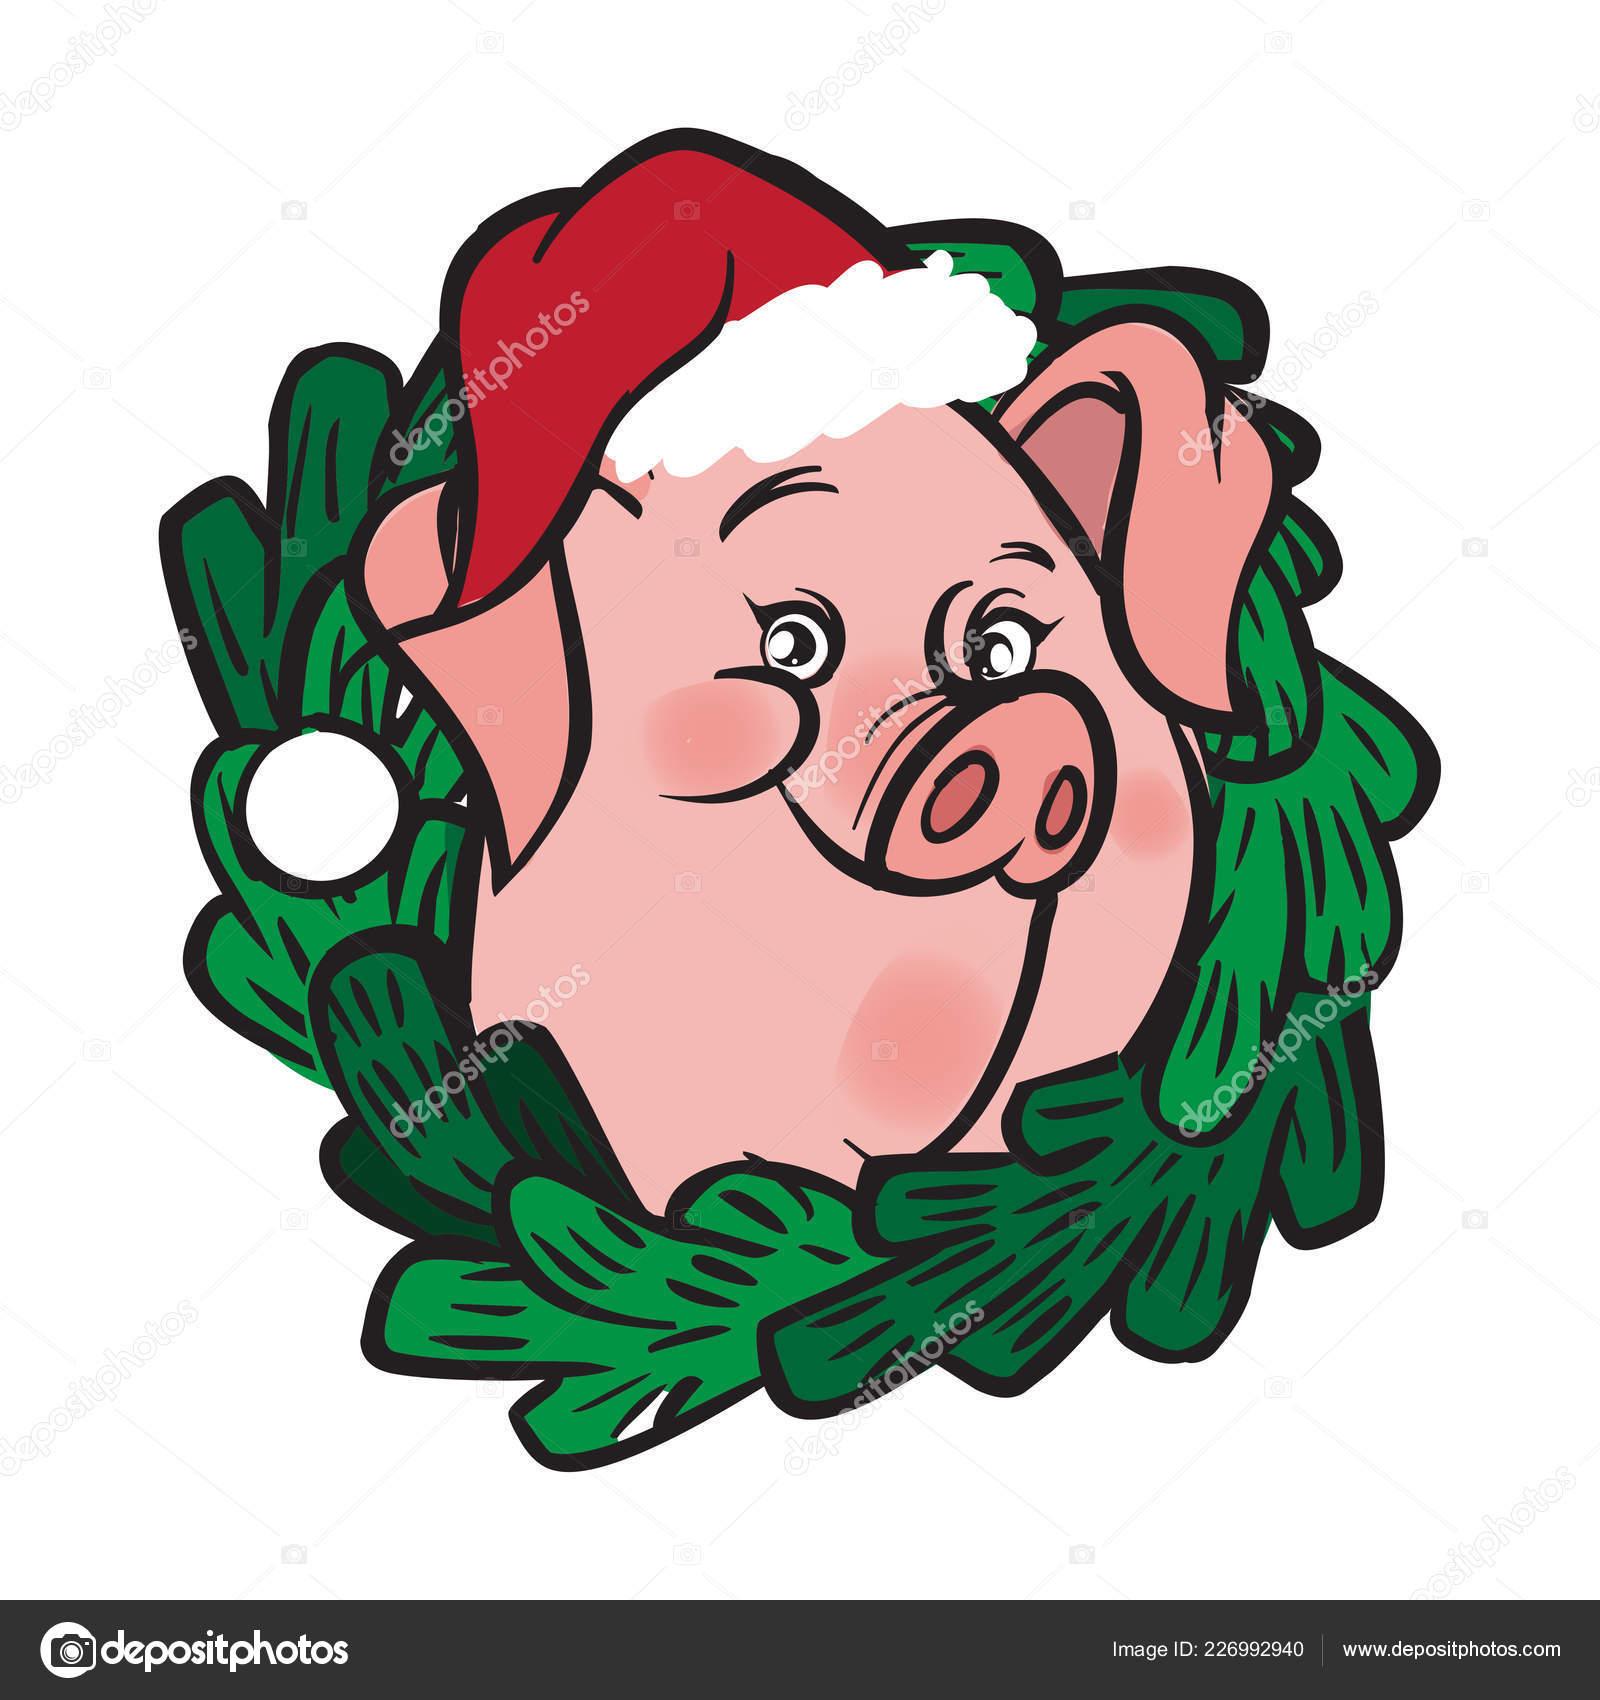 Grappige Vector Cartoon Piggy Kroon Van Kerstmis Wensen Gelukkig